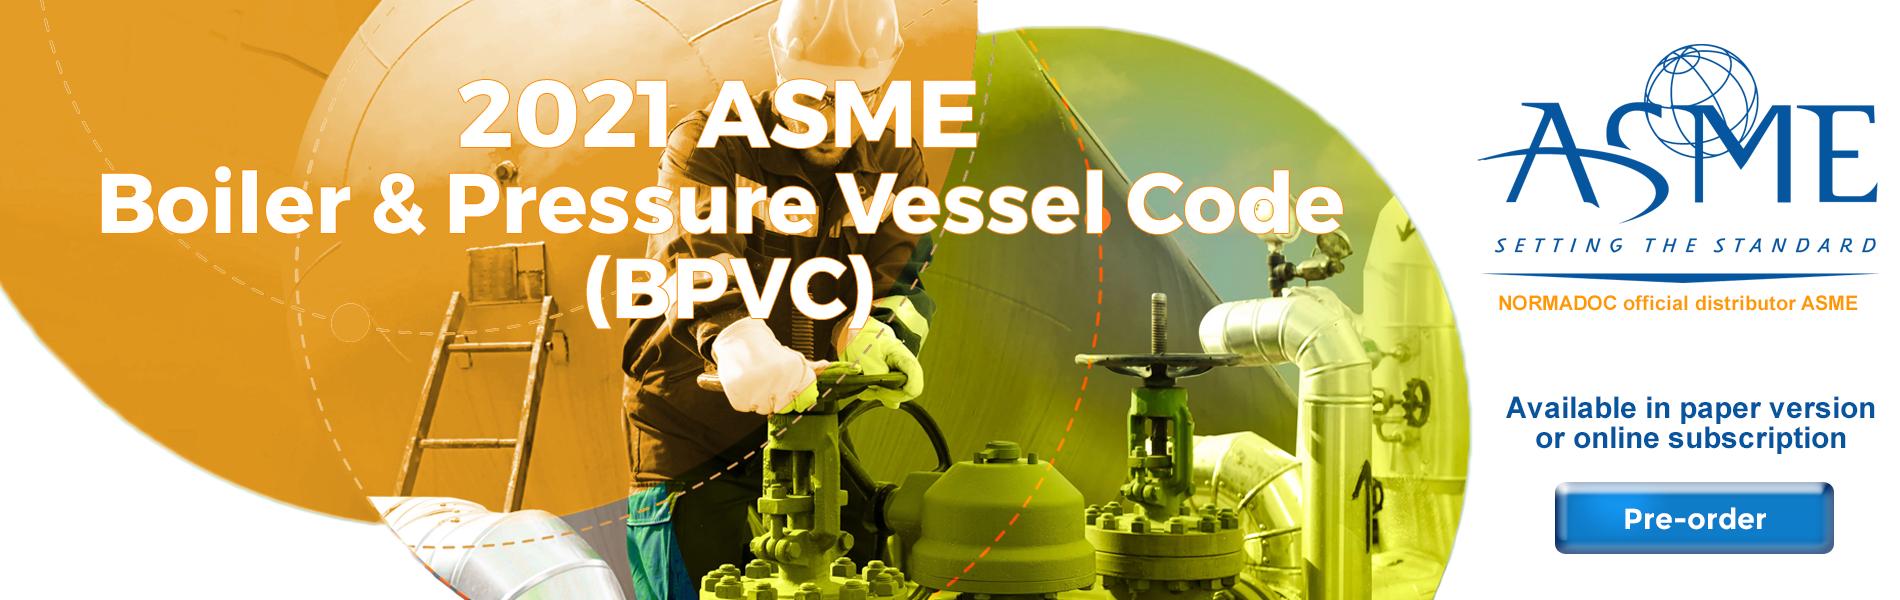 Bandeau-ASME-BPVC-2021-Normadoc-Slider-EN